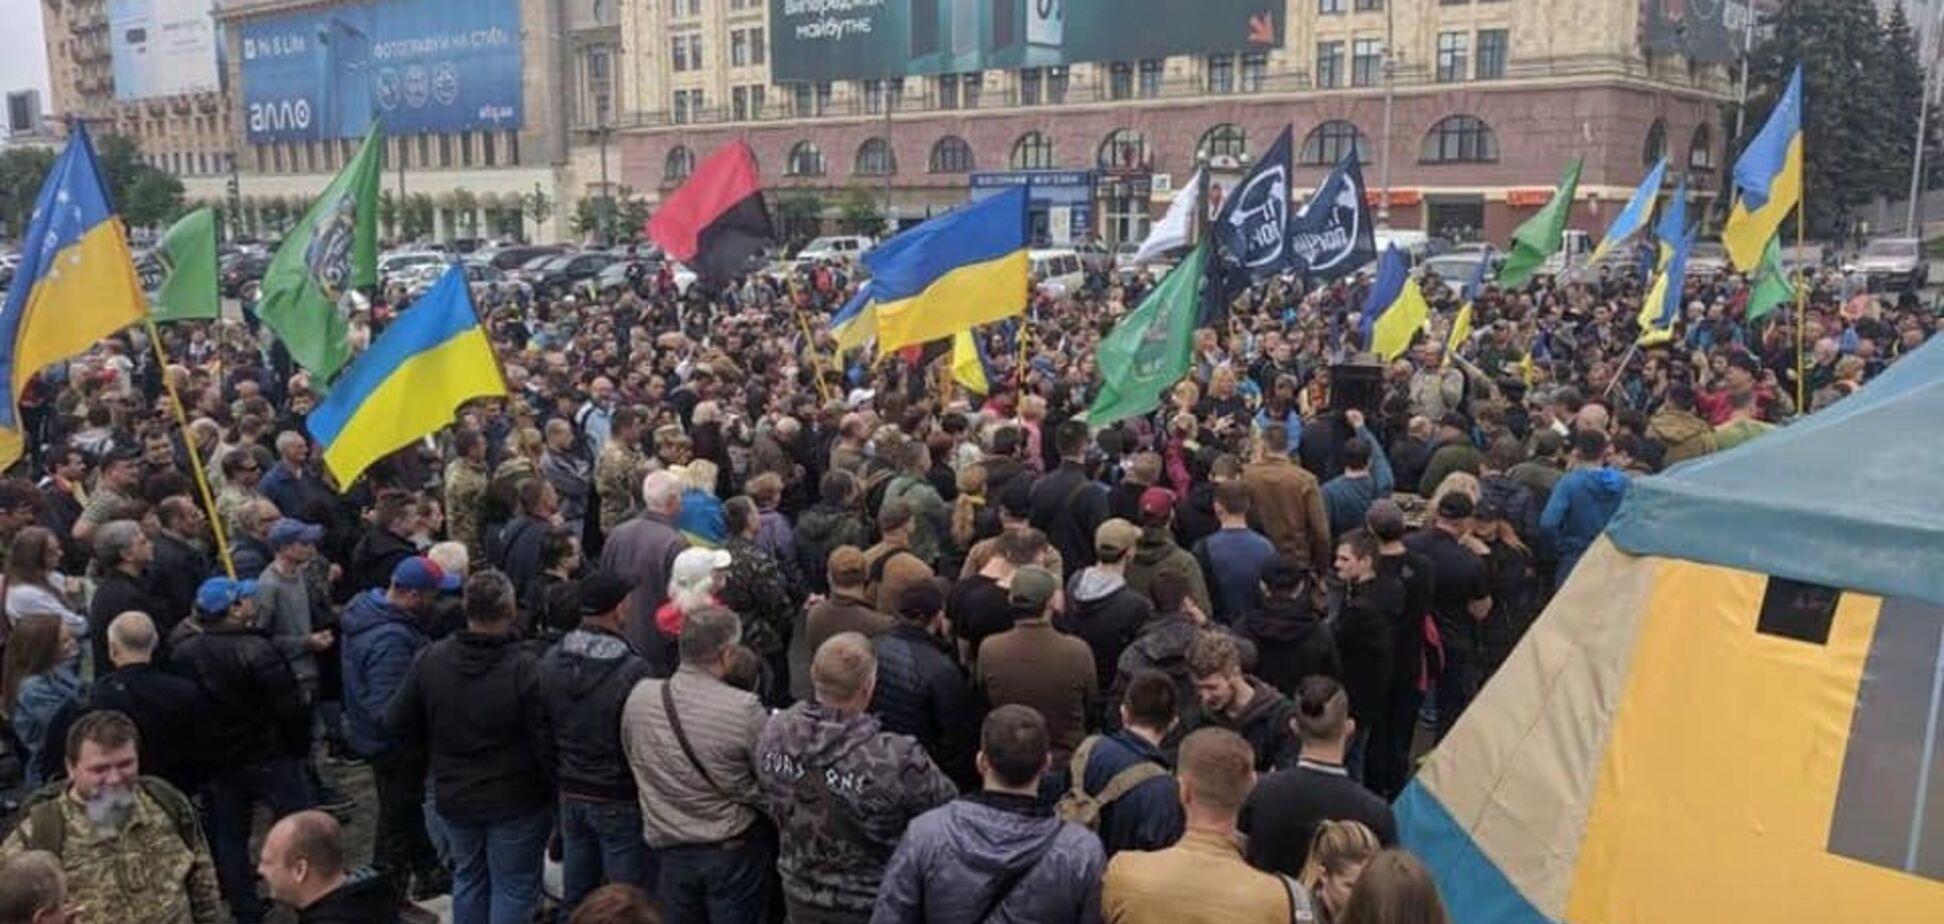 'Для меня это честь': Геращенко вмешалась в скандал с волонтерской палаткой в Харькове